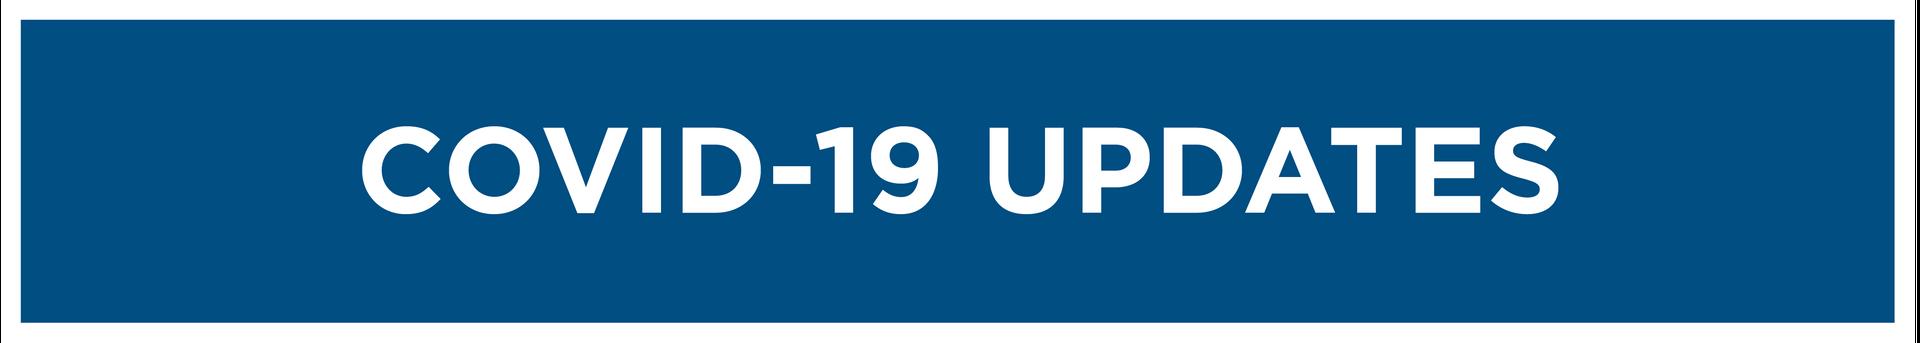 COVID-19 Updates button